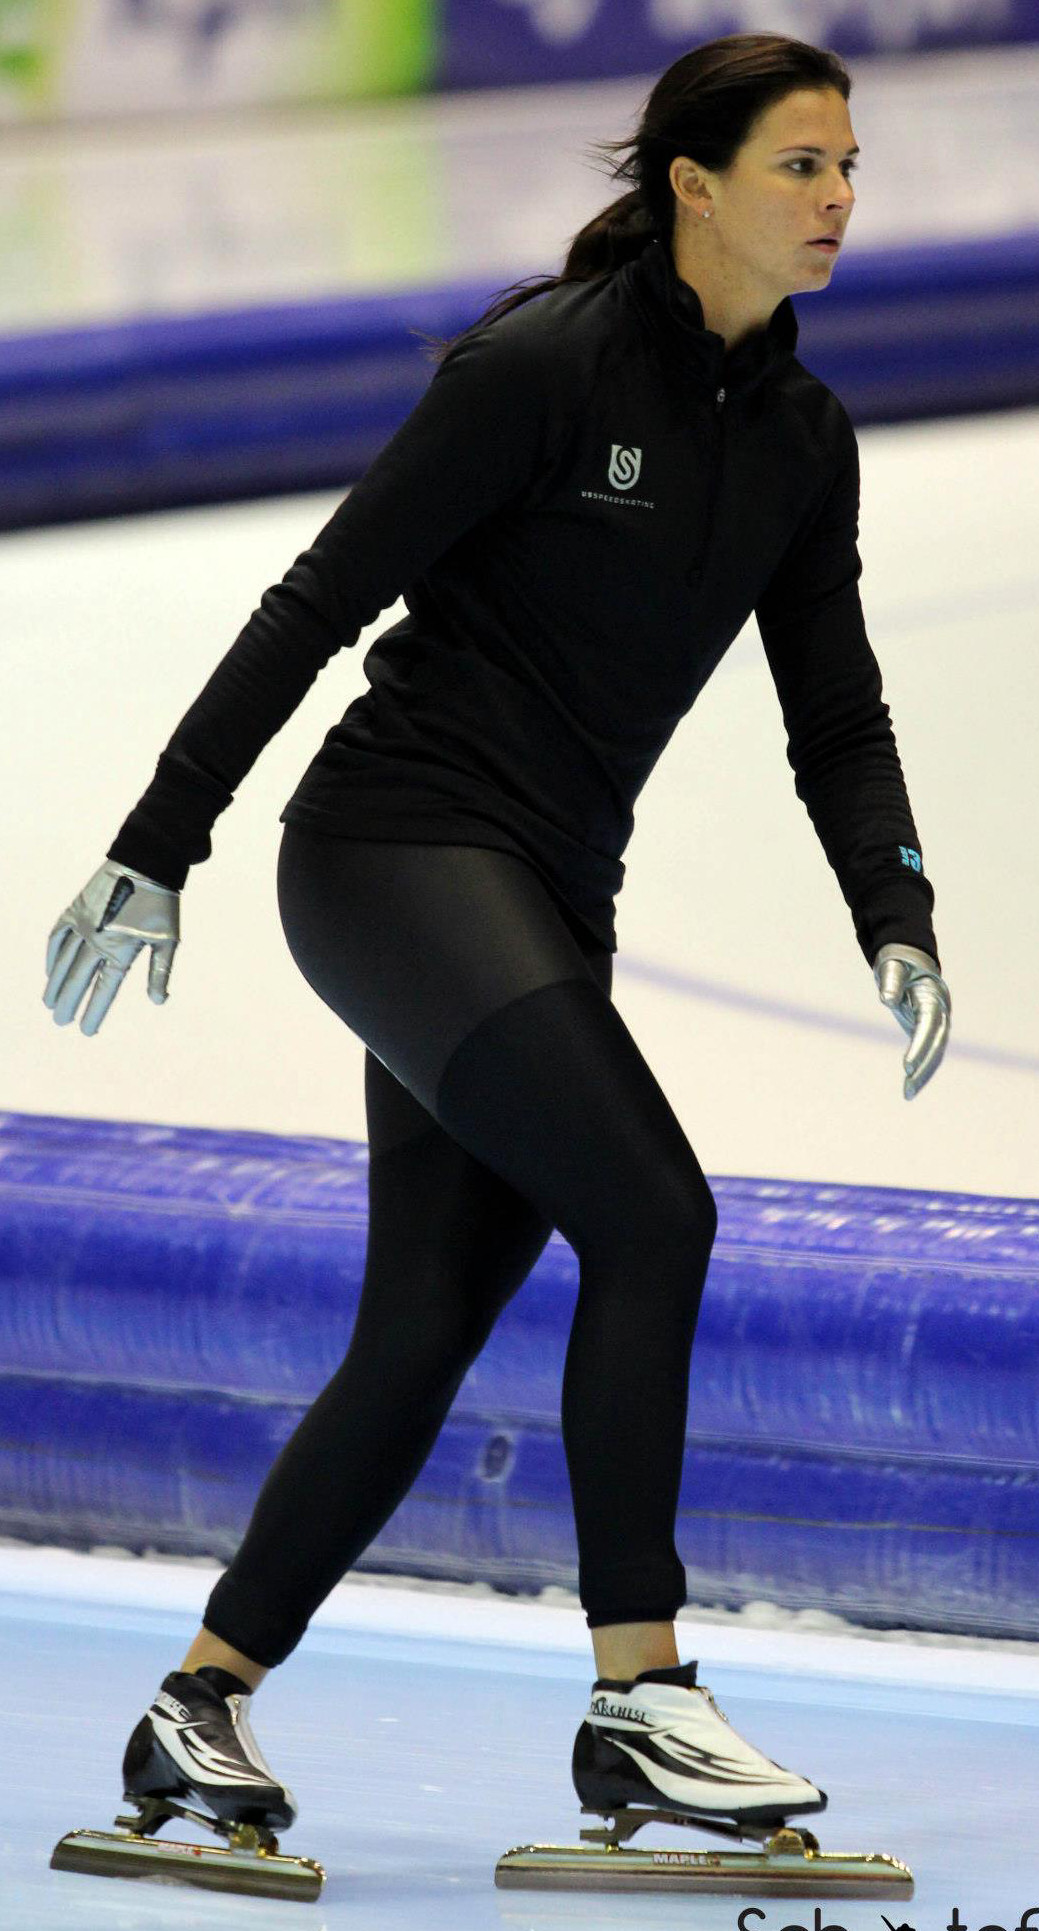 Brittany Bowe Sochi Speedskater 12 Gotceleb